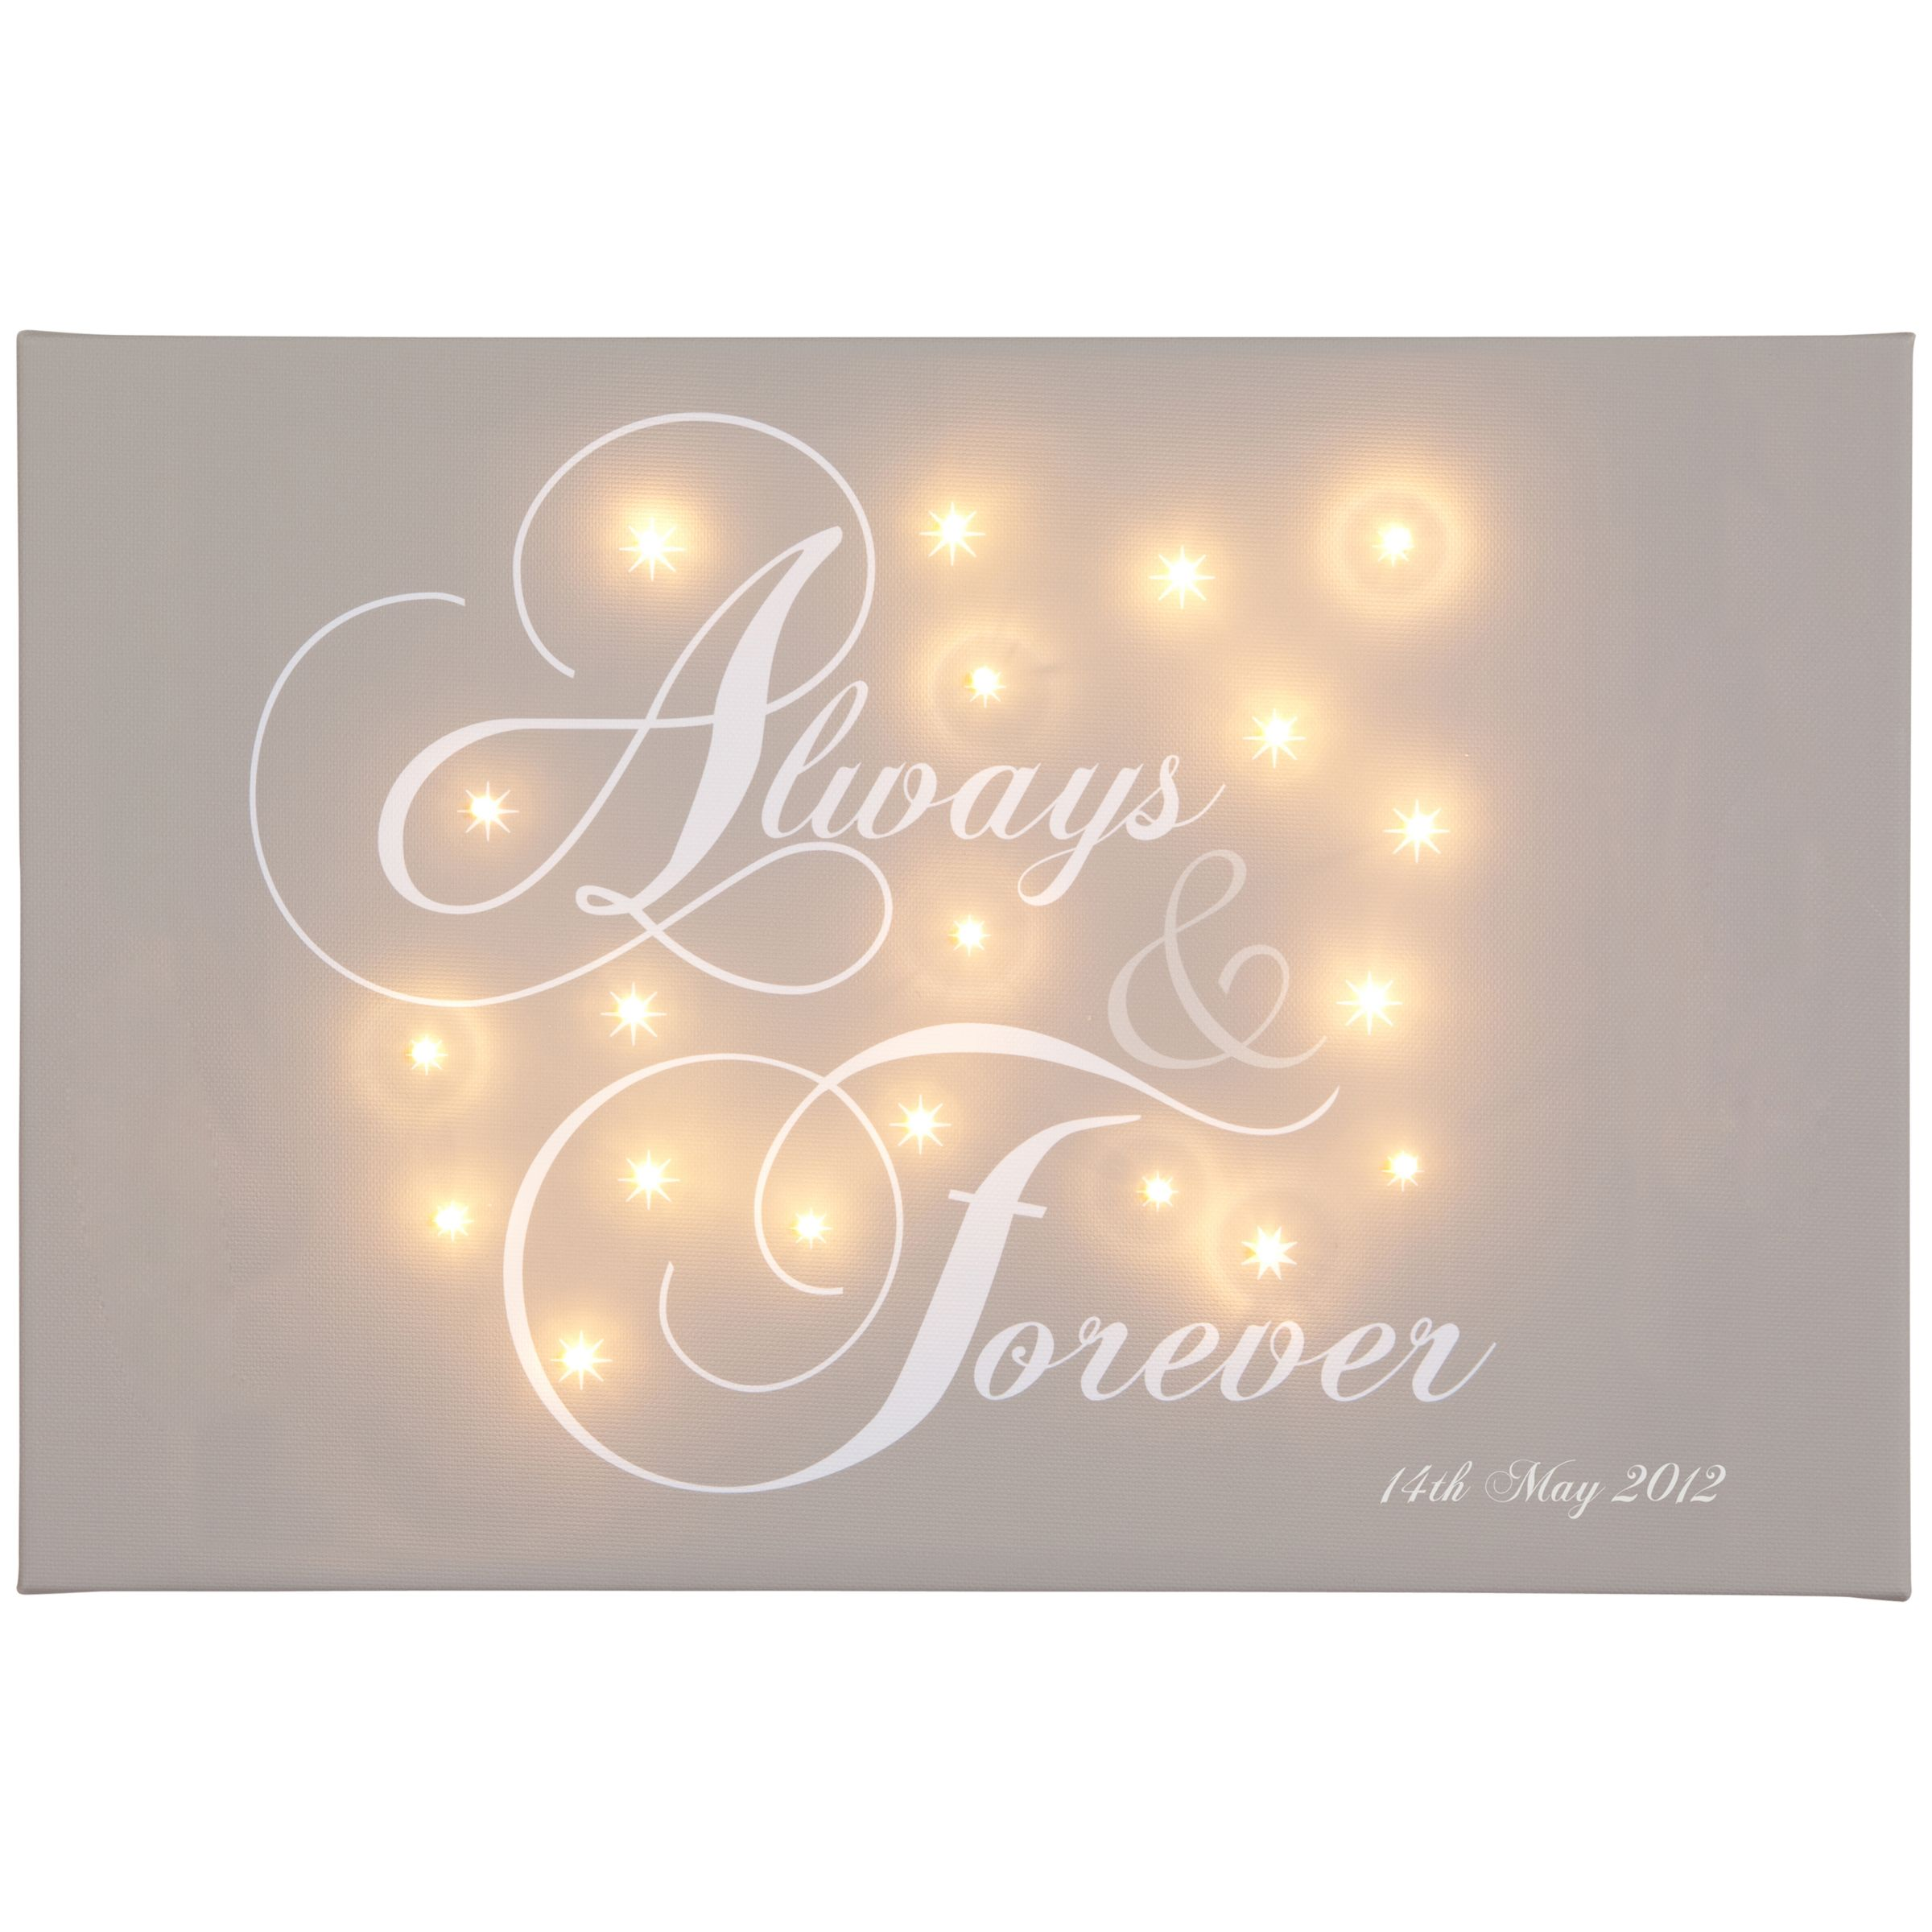 Illuminated Canvas Illuminated Canvas Personalised 'Always & Forever' LED Canvas, 60 x 40cm, Taupe